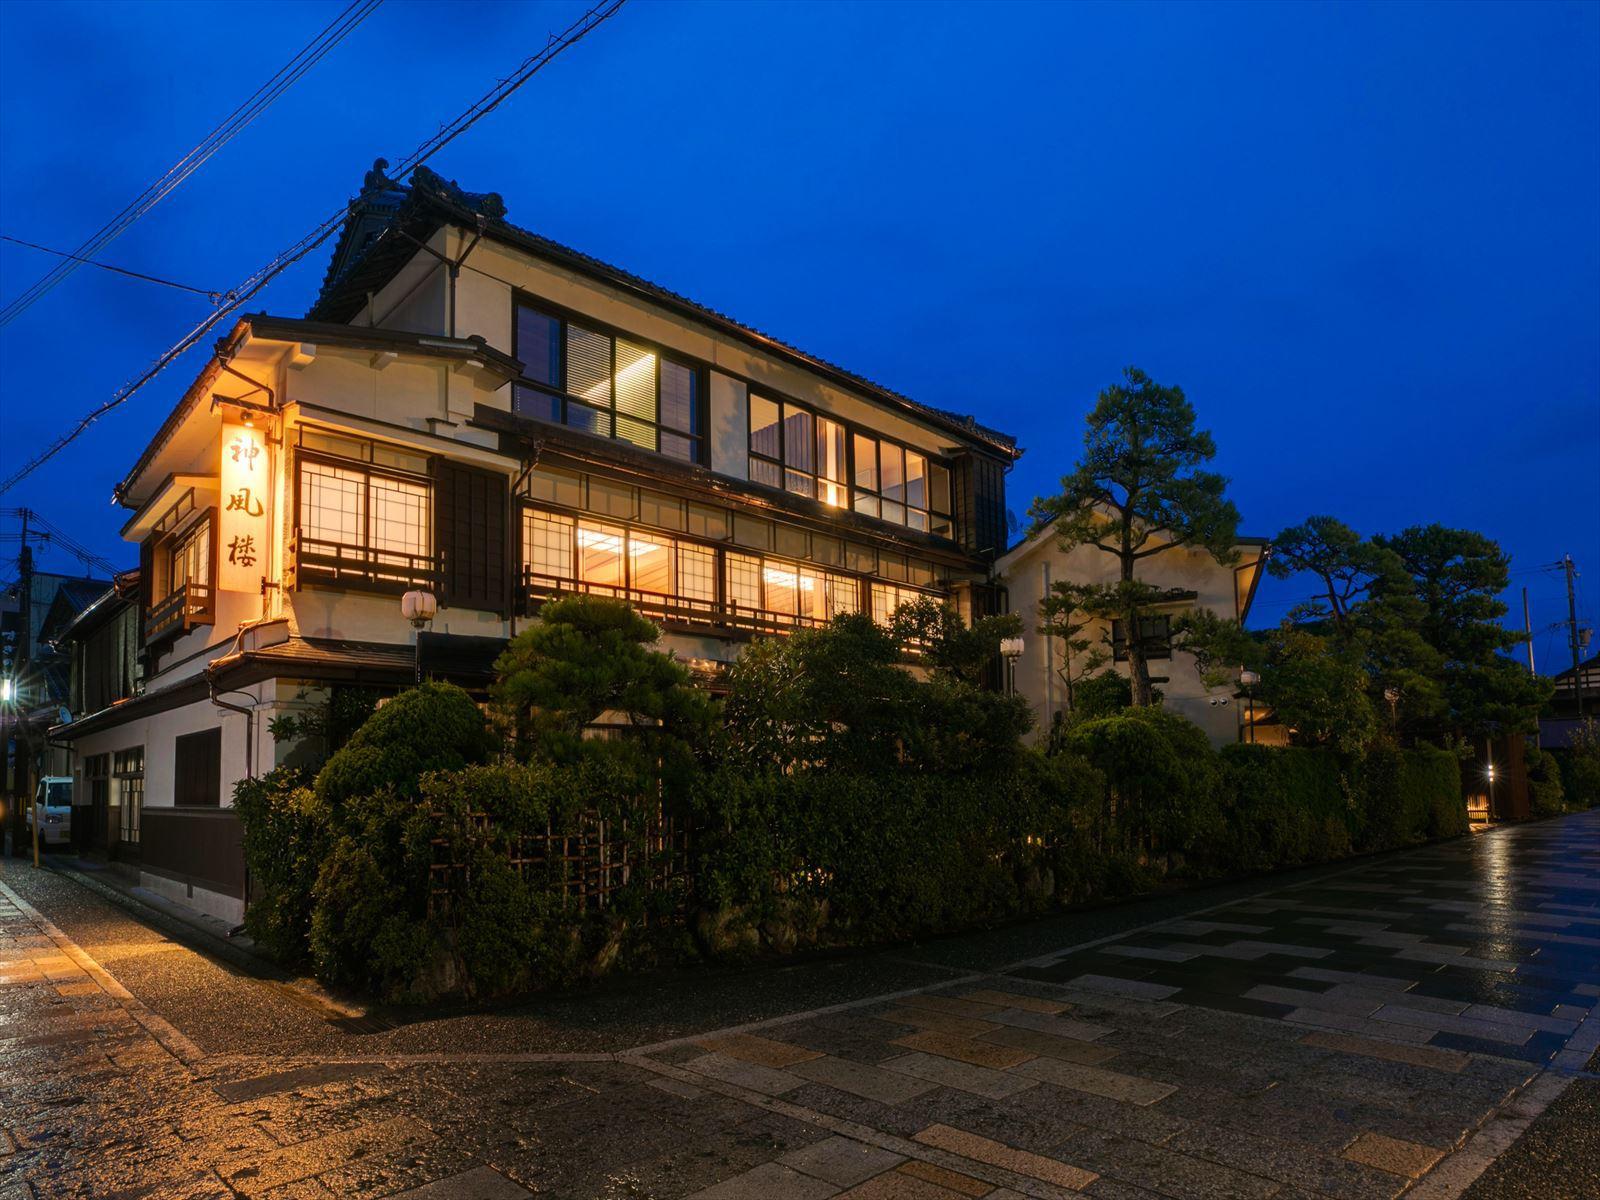 日本三景天橋立 全客室から阿蘇海を眺望する静けさを大切にした...